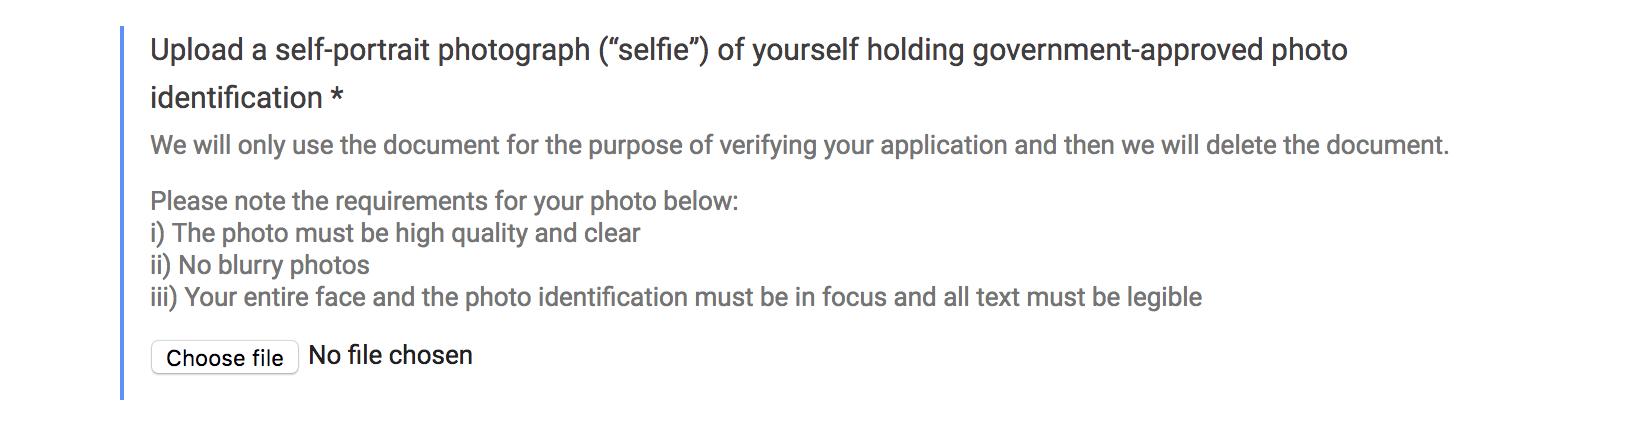 self-portrait photograph for Google Knowledge Panel Verification